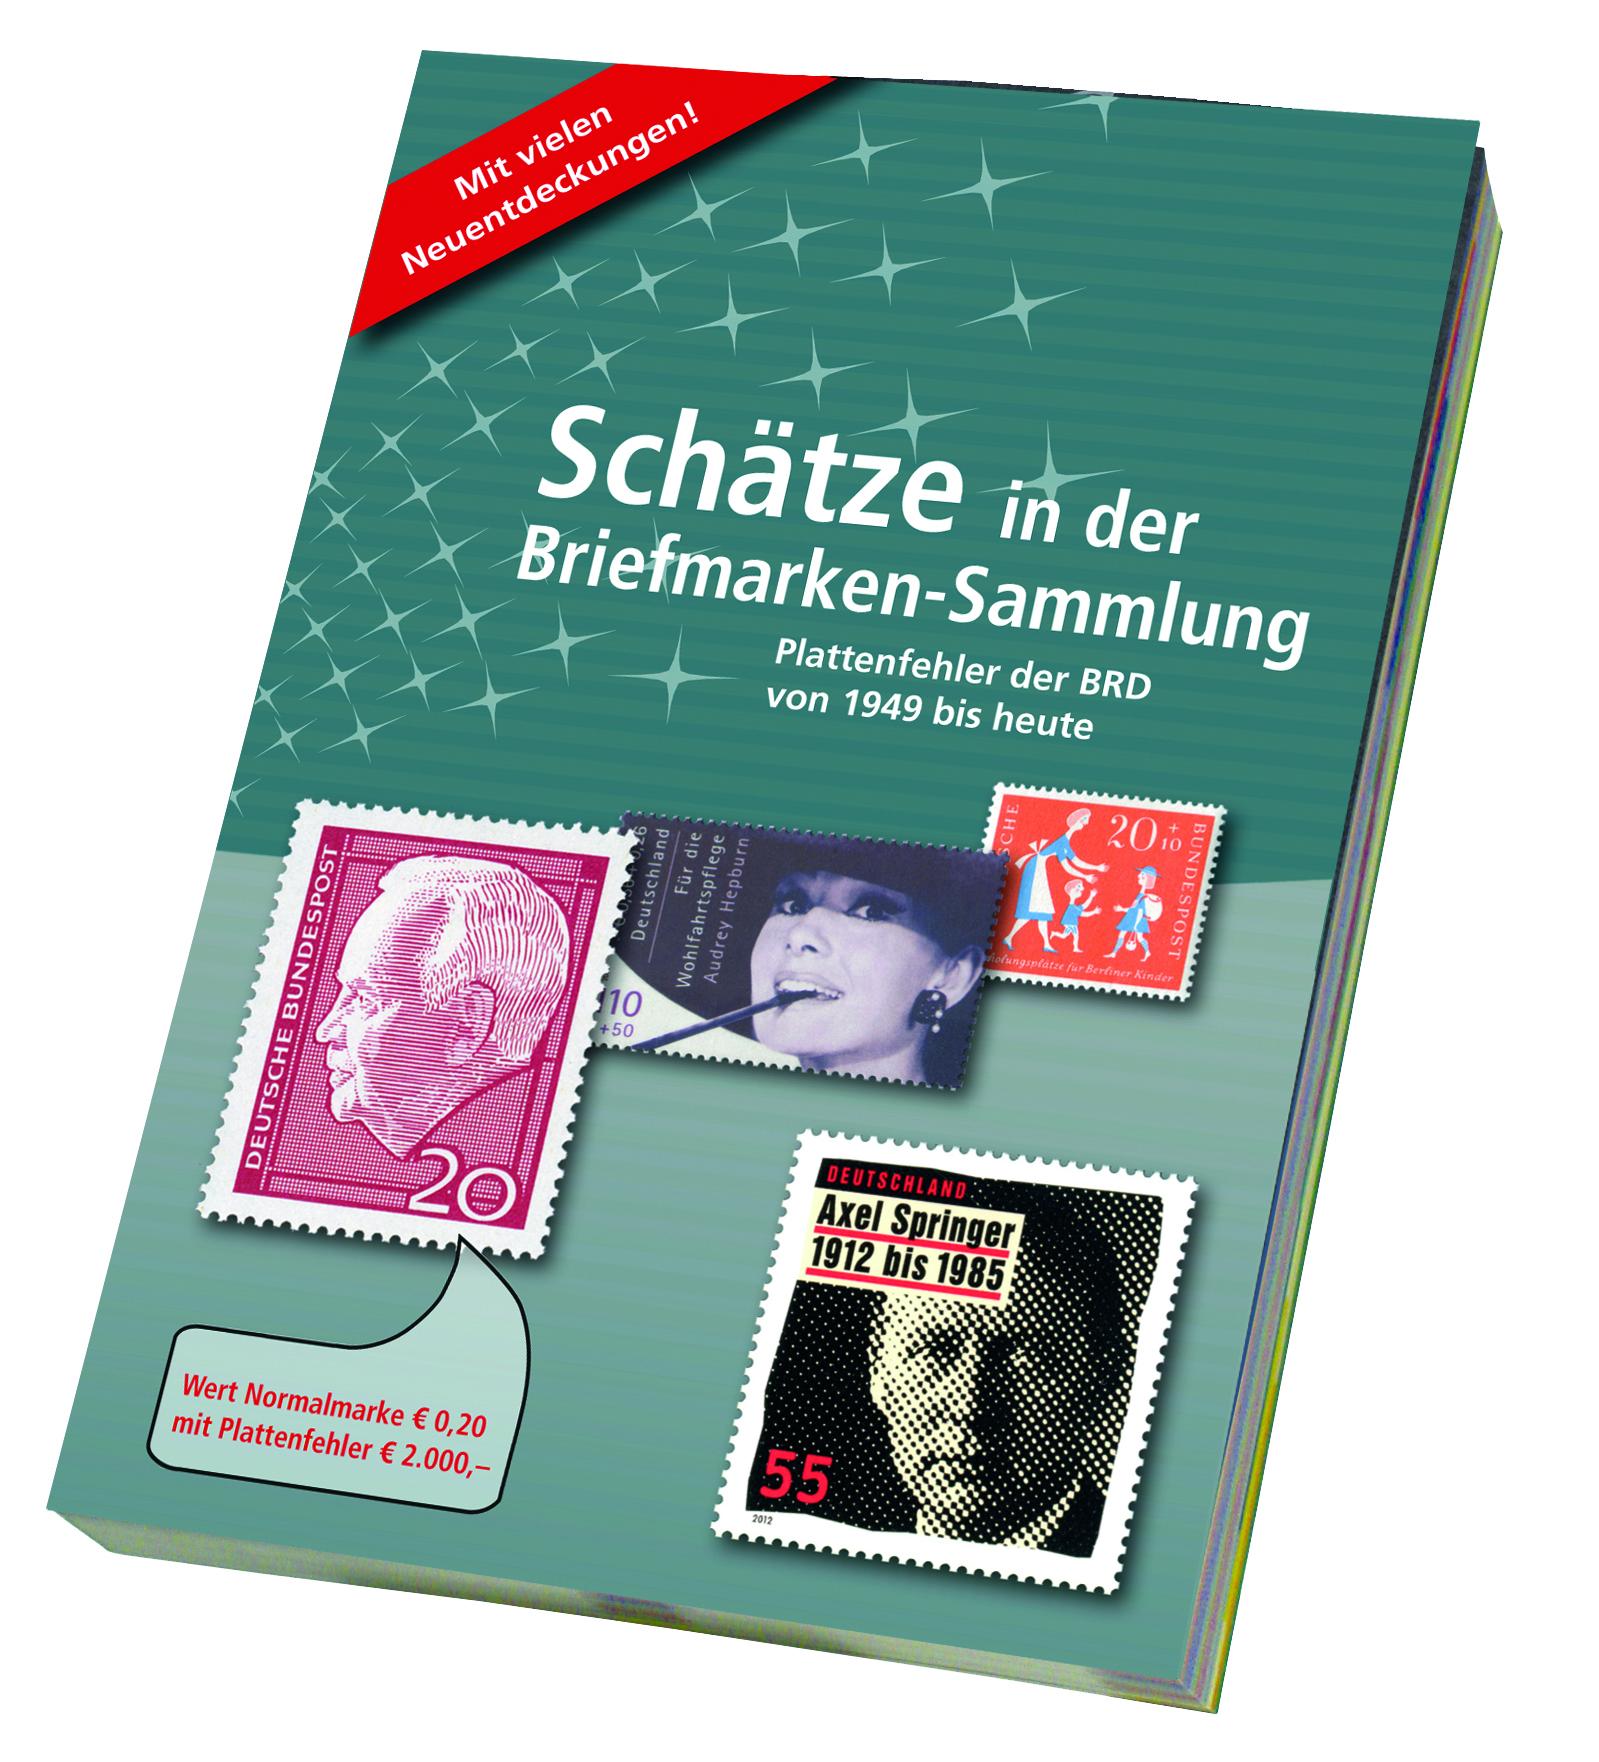 Legendäre Rarität Audrey Hepburn Briefmarke Wird Bei Ebay